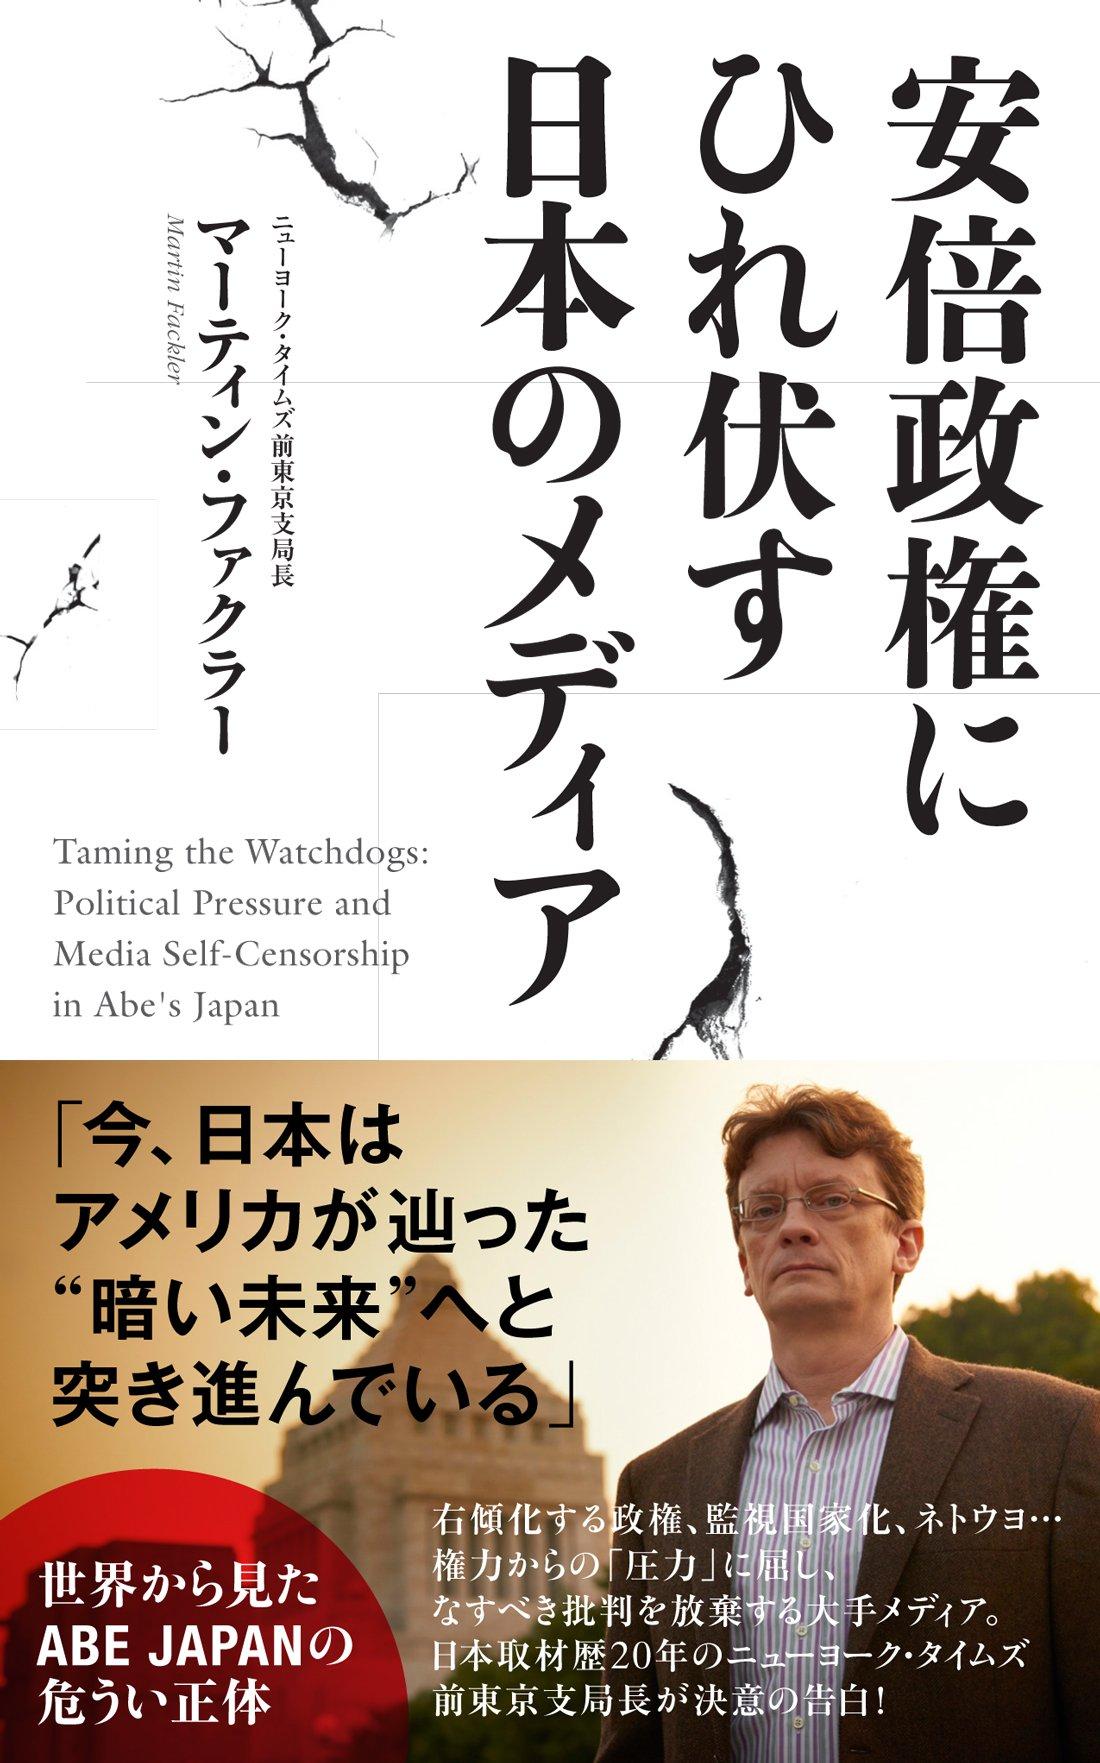 【悲報】日本の報道の自由度73位にダウン ★2 [無断転載禁止]©2ch.net [563844441]YouTube動画>5本 ->画像>38枚